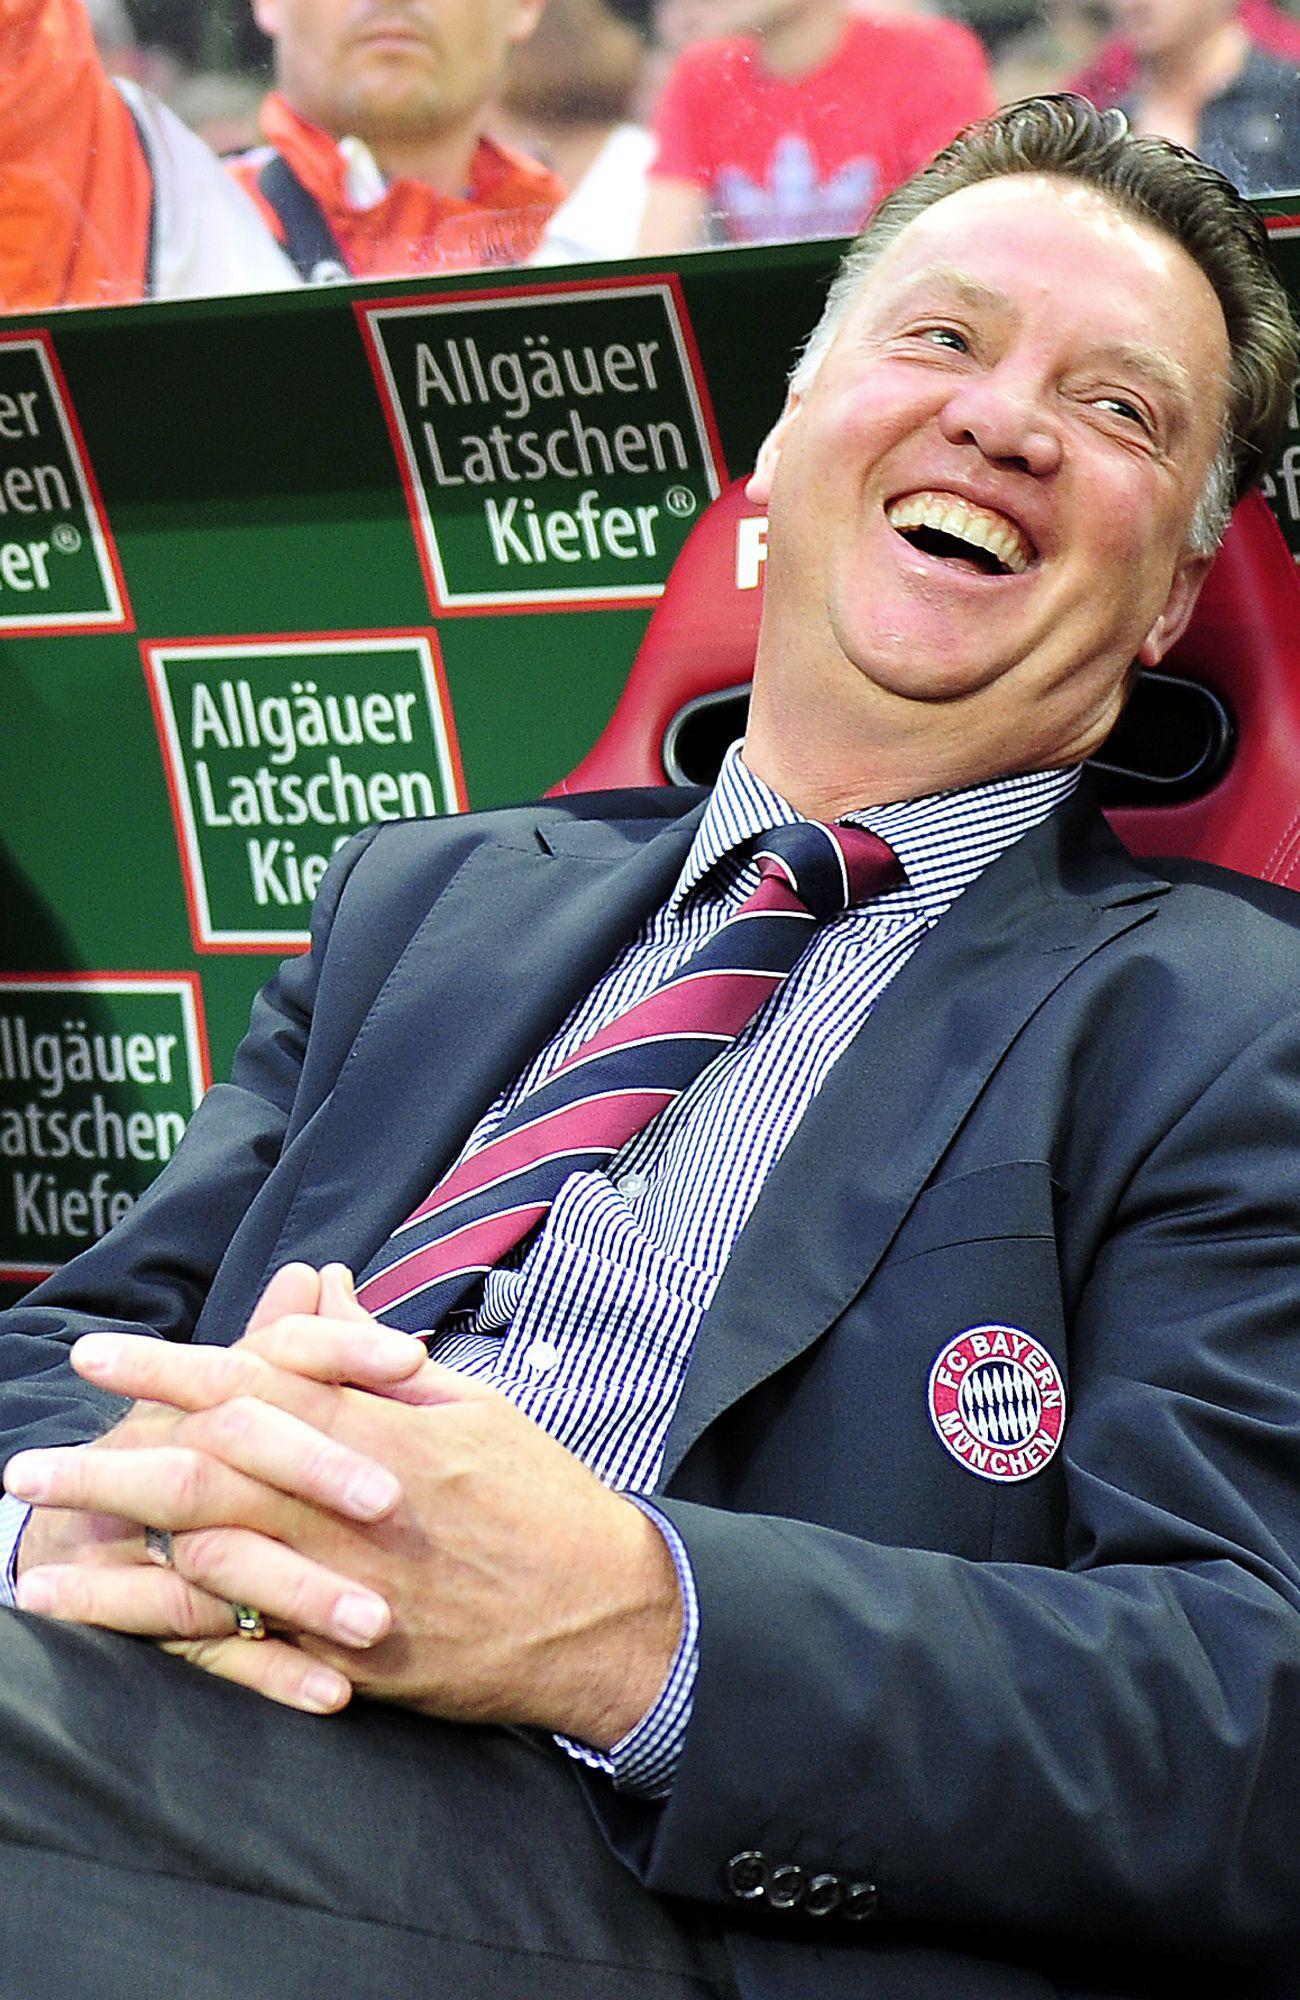 NICHT VERWENDEN van Gaal lacht